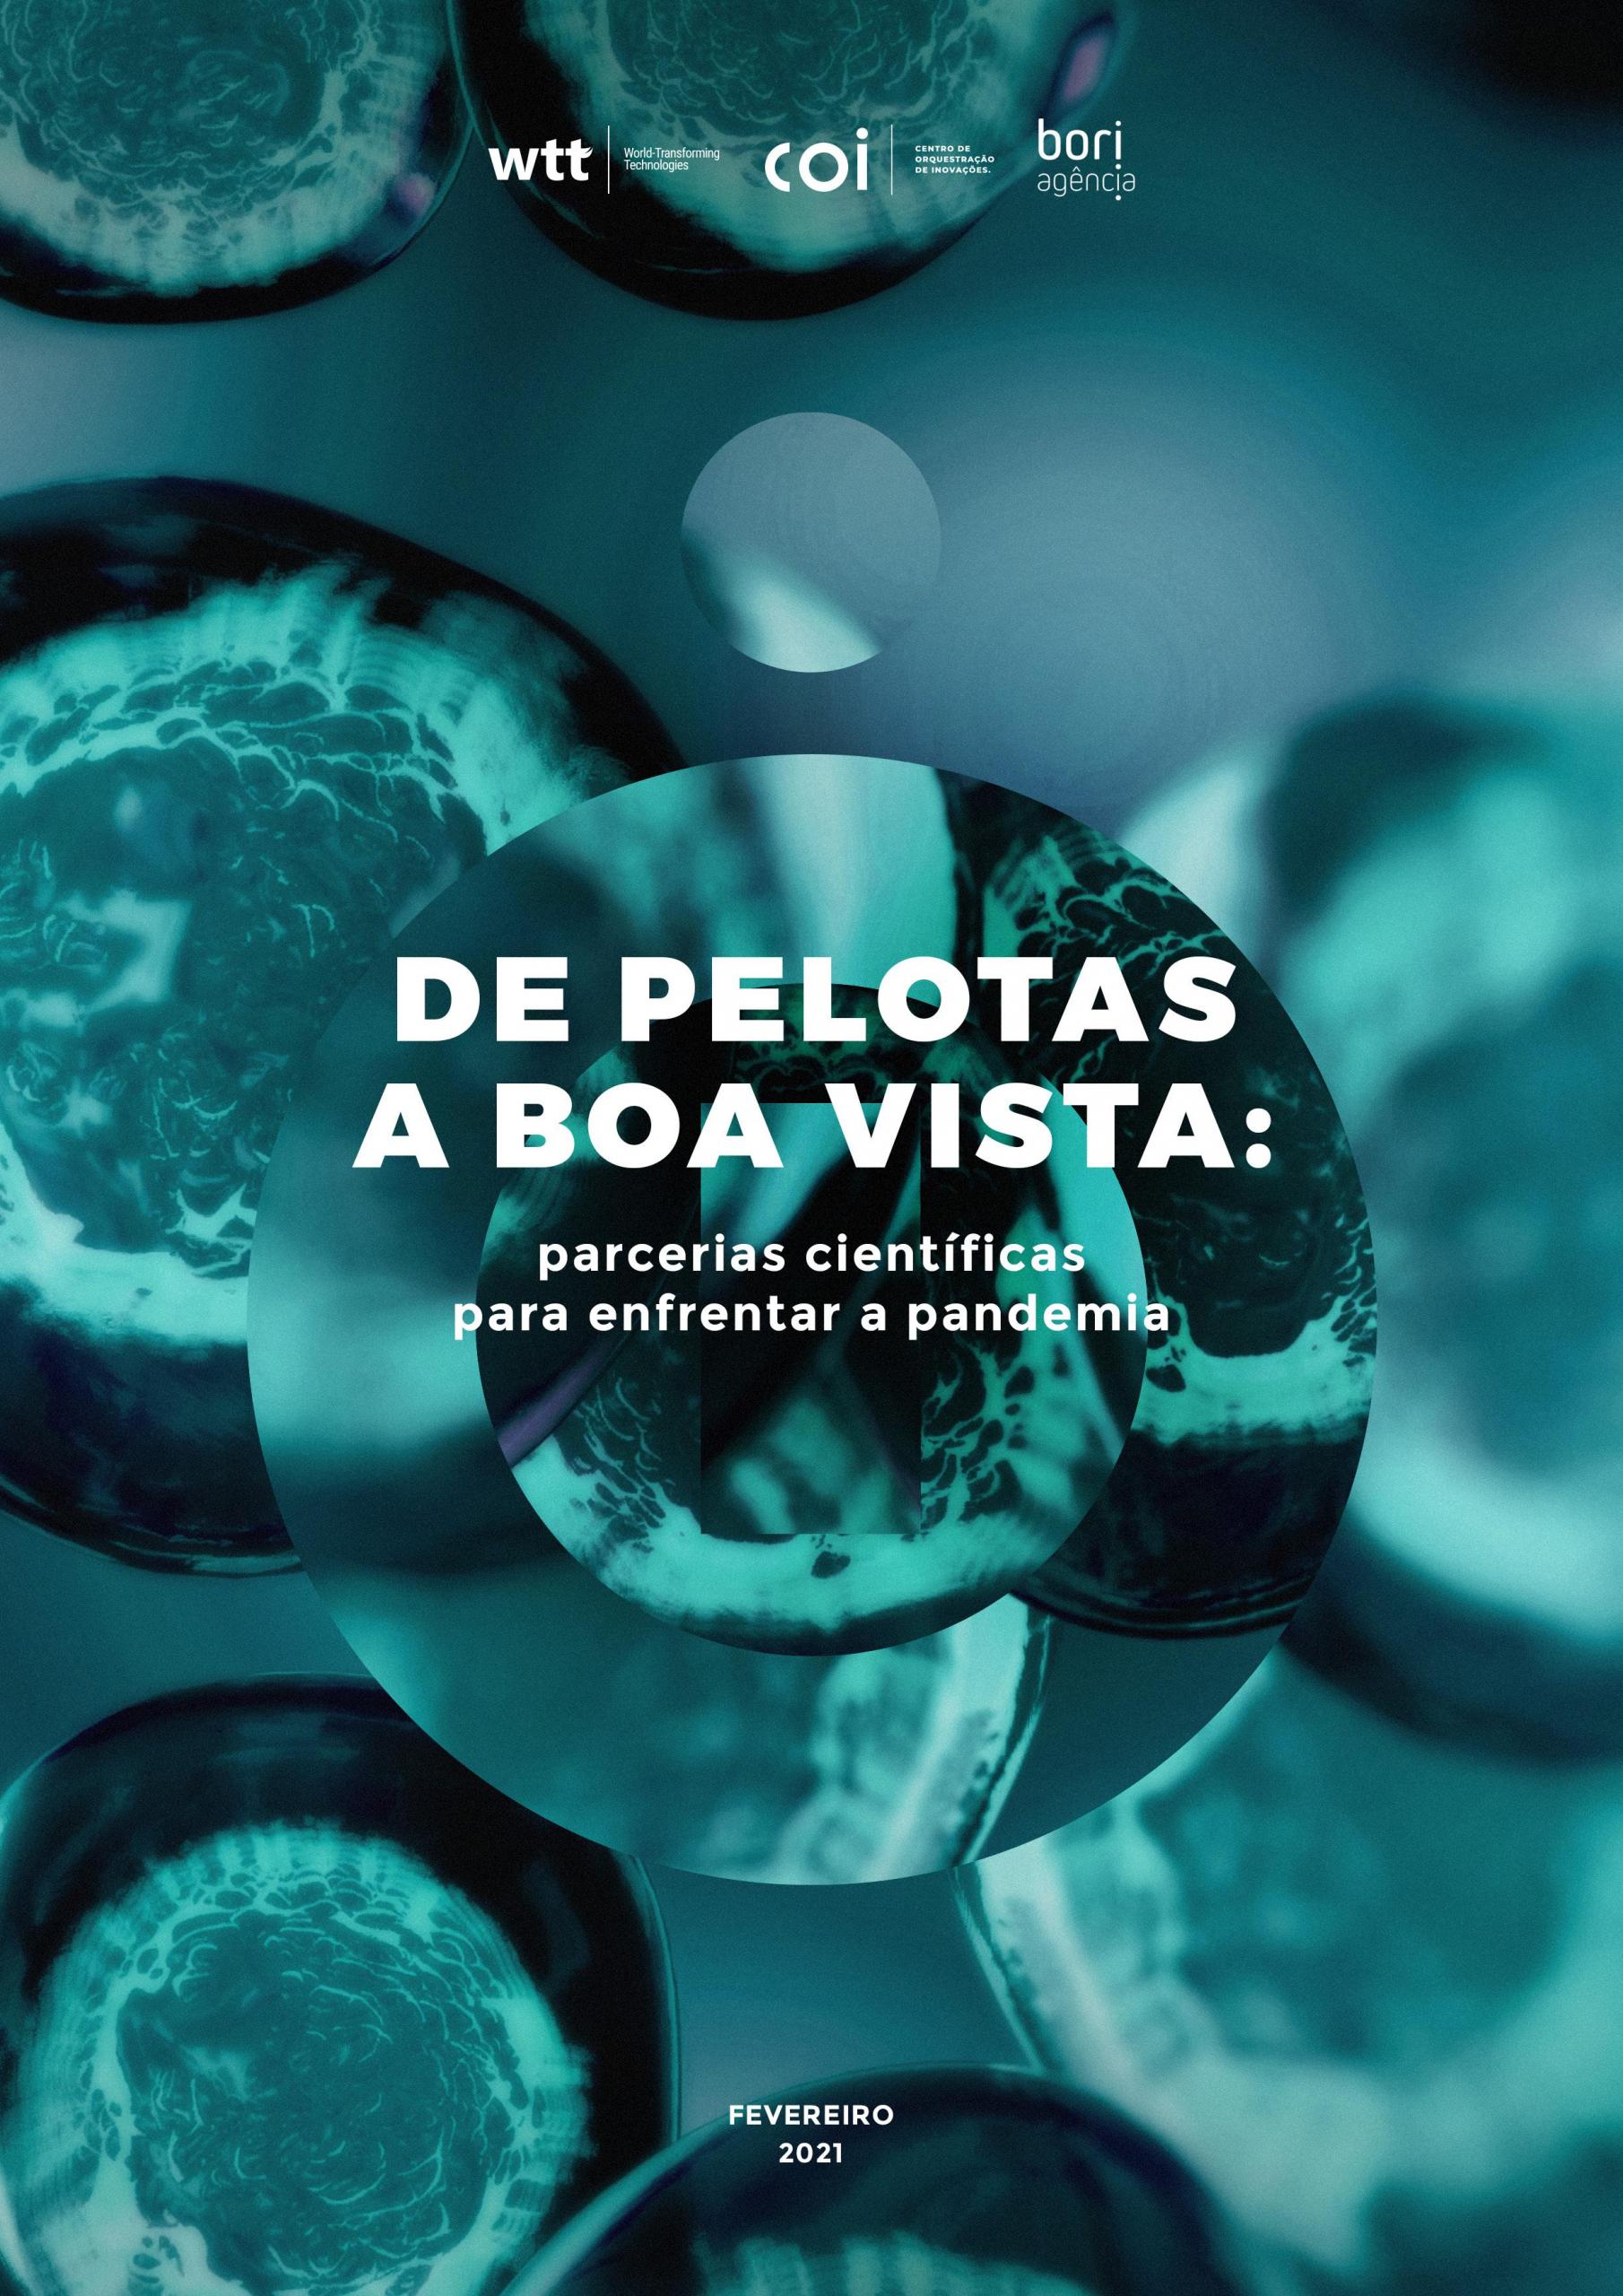 Publicação sobre parcerias científicas para enfrentar a pandemia